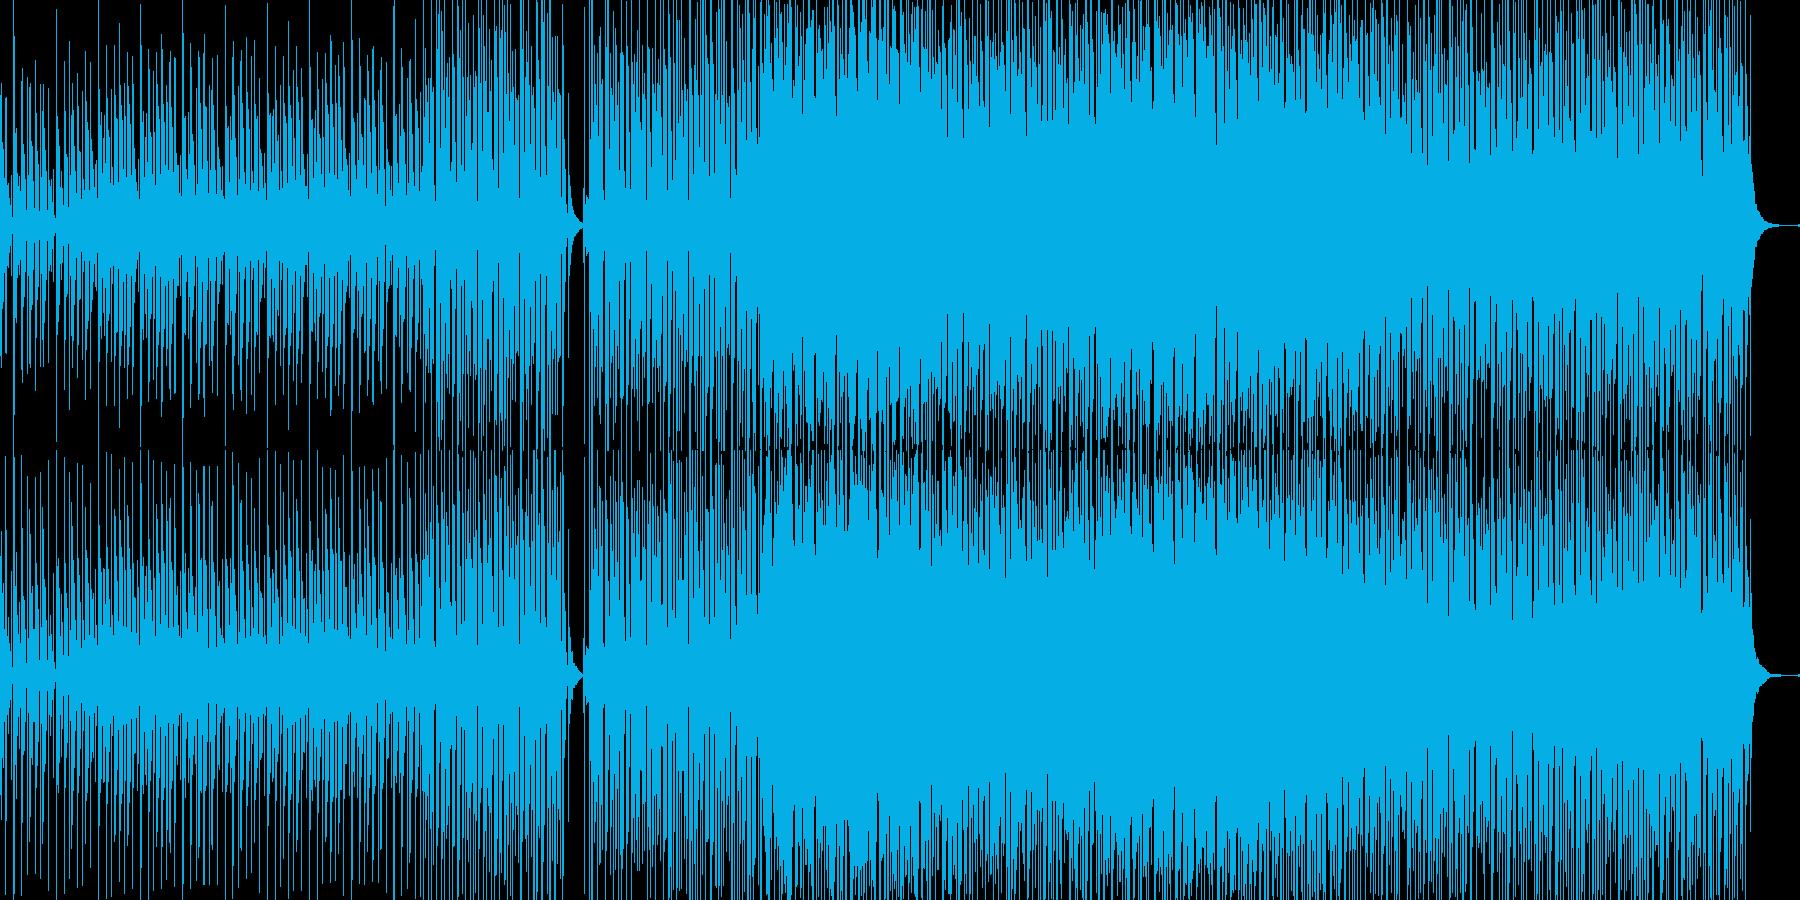 疾走感のあるビートとピアノの幻想的な曲の再生済みの波形